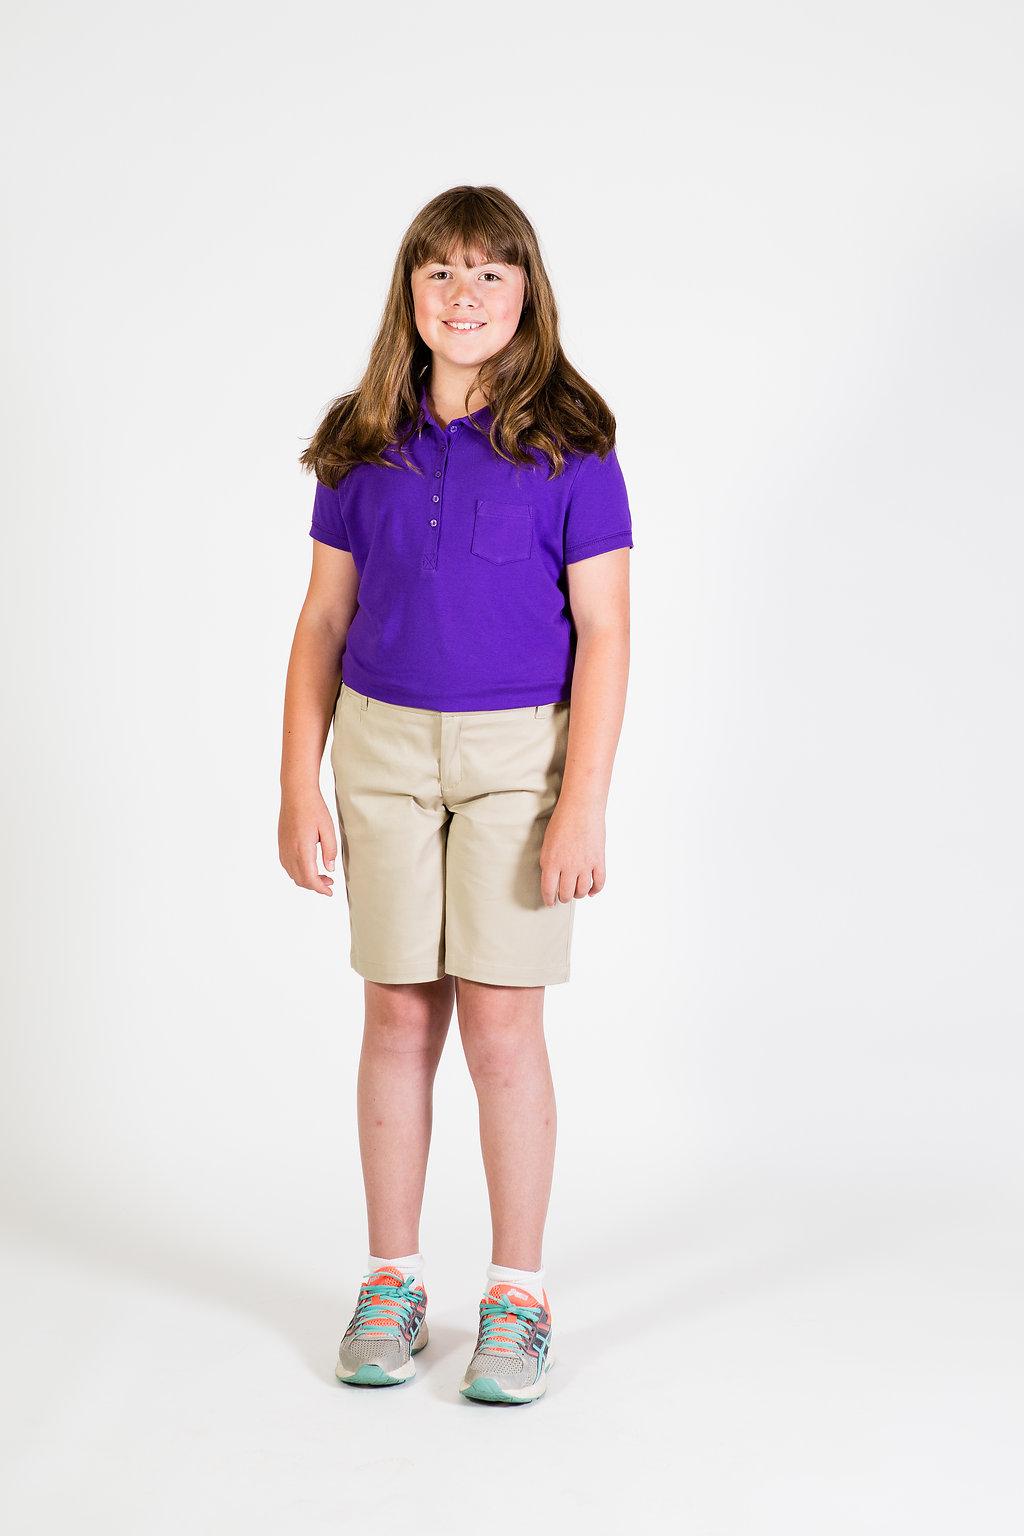 16JuneWCA_Uniforms084.jpg